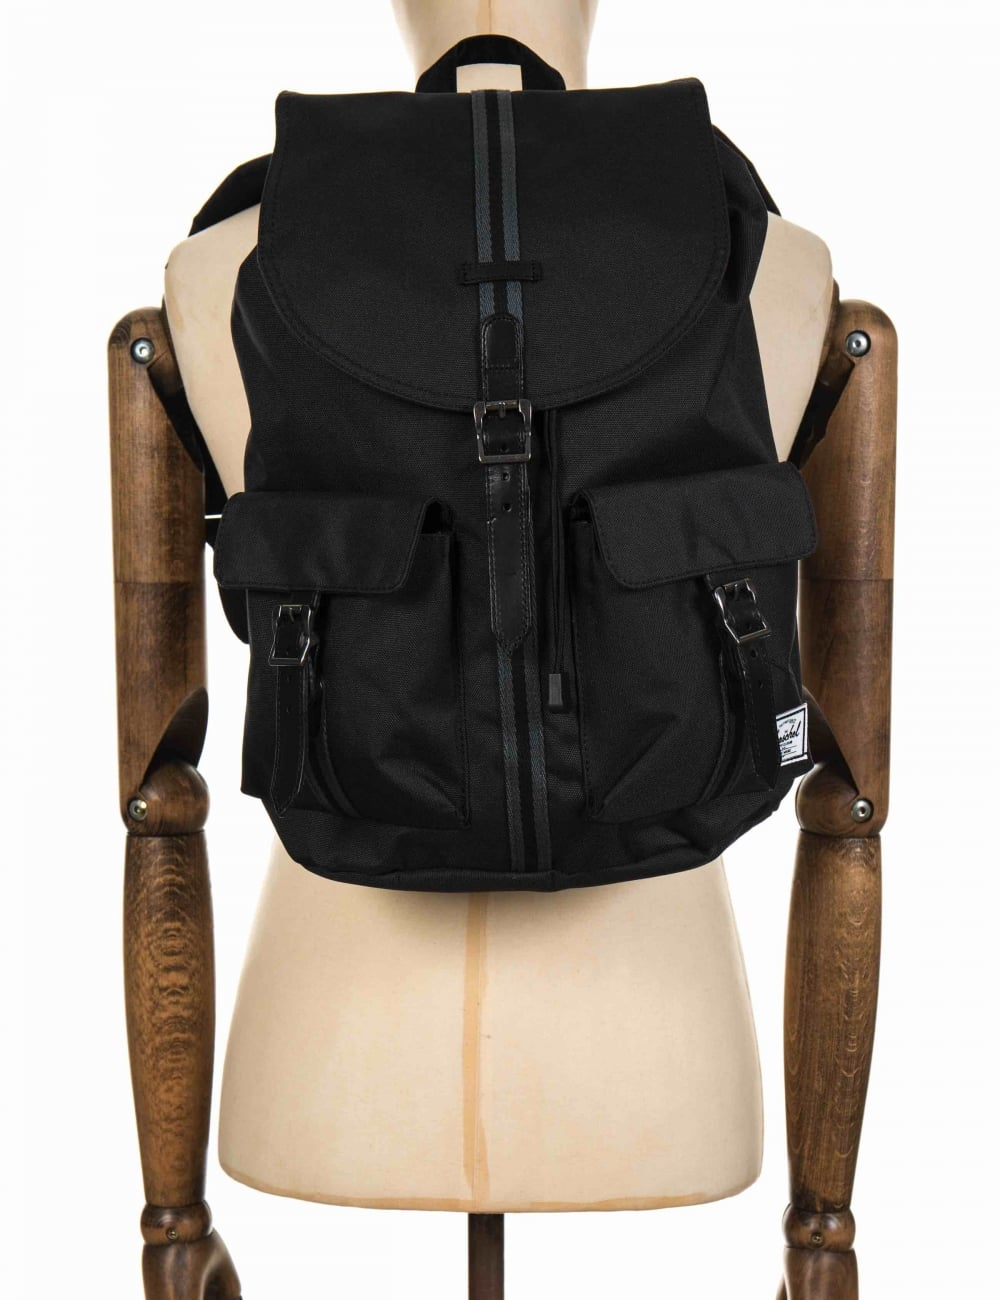 Herschel Supply Co Dawson 20.5L Backpack - Black Dark Shadow Black ... 7af837fb2a605